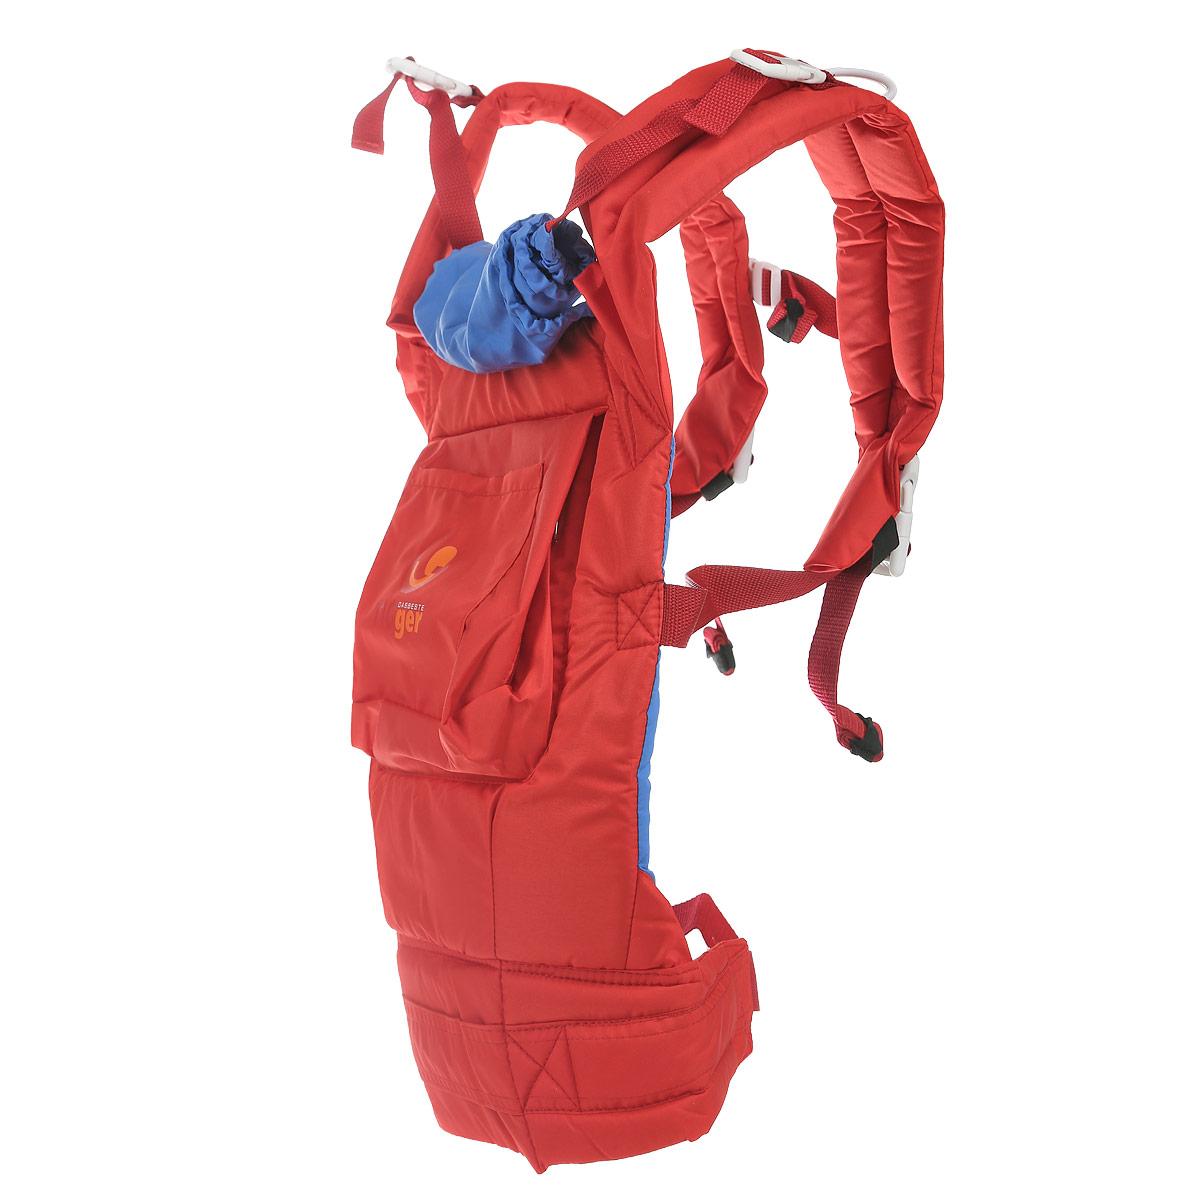 Рюкзак-переноска TIGger Tigger, с капюшоном, цвет: красный, голубой1107.03Обеспечивает физиологически правильное положение ребенка и является безопасным для переноски детей. Простая и удобная регулировка лямок. легко одевается и снимается. Регулируемый пояс для поддержки спины родителя. Широкие лямки с набивкой снижают нагрузку на спину. Складывающийся капюшон. Три положения: к себе, на бедре, за спиной. Рекомендуется использовать с 4-х месяцев, для детей, которые уже могут сидеть. Вес ребенка до 18 кг.